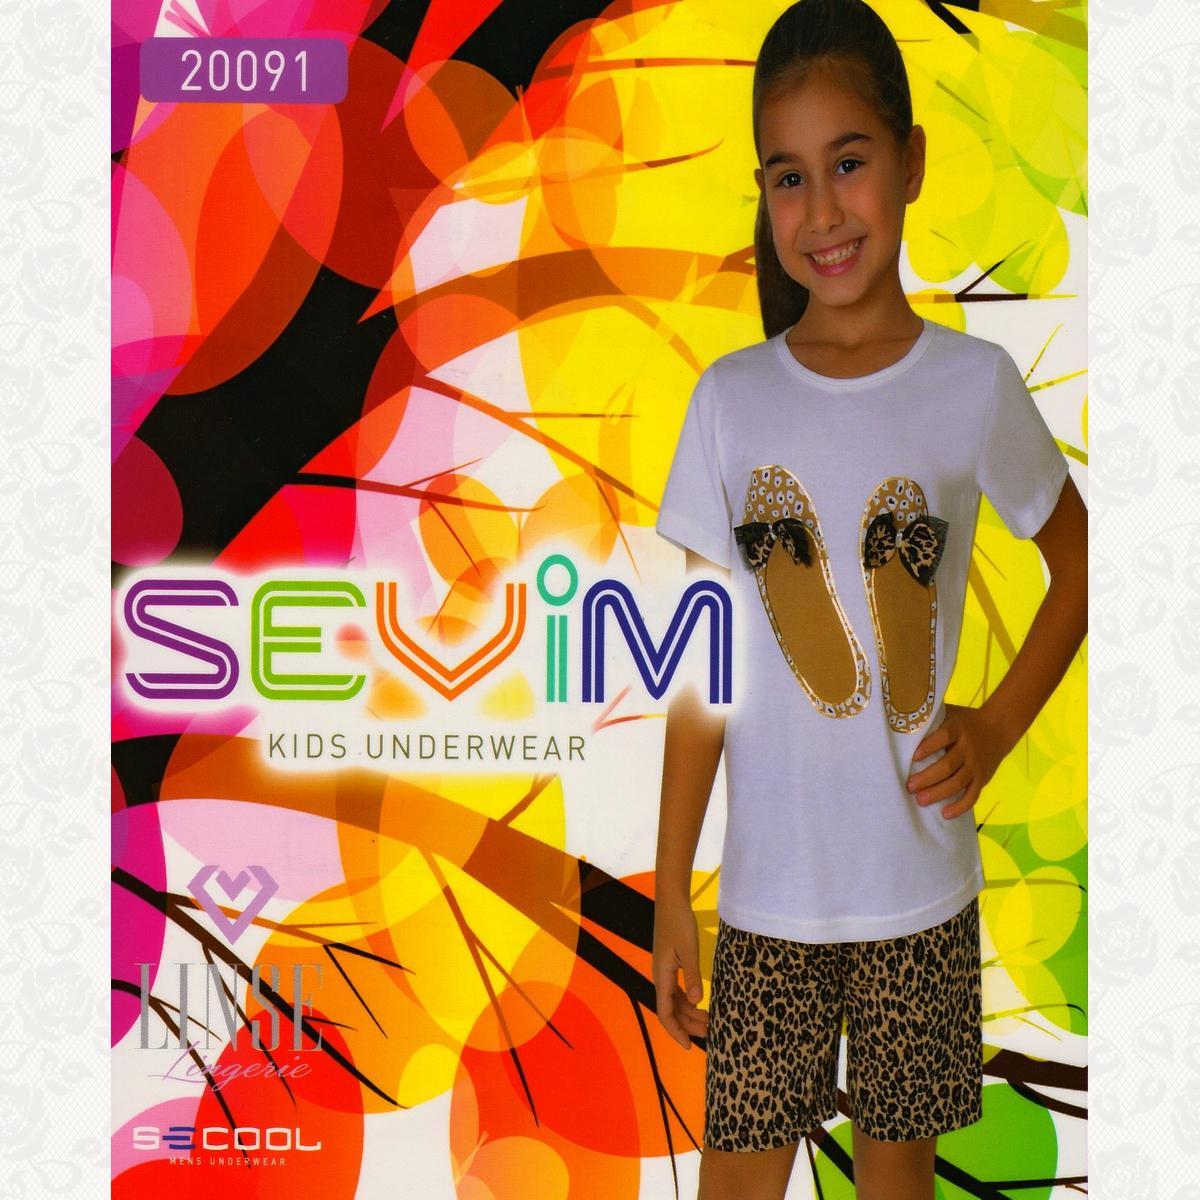 Комплект девичий с футболкой и шортиками, цвет молочний с фото, 2 шт.